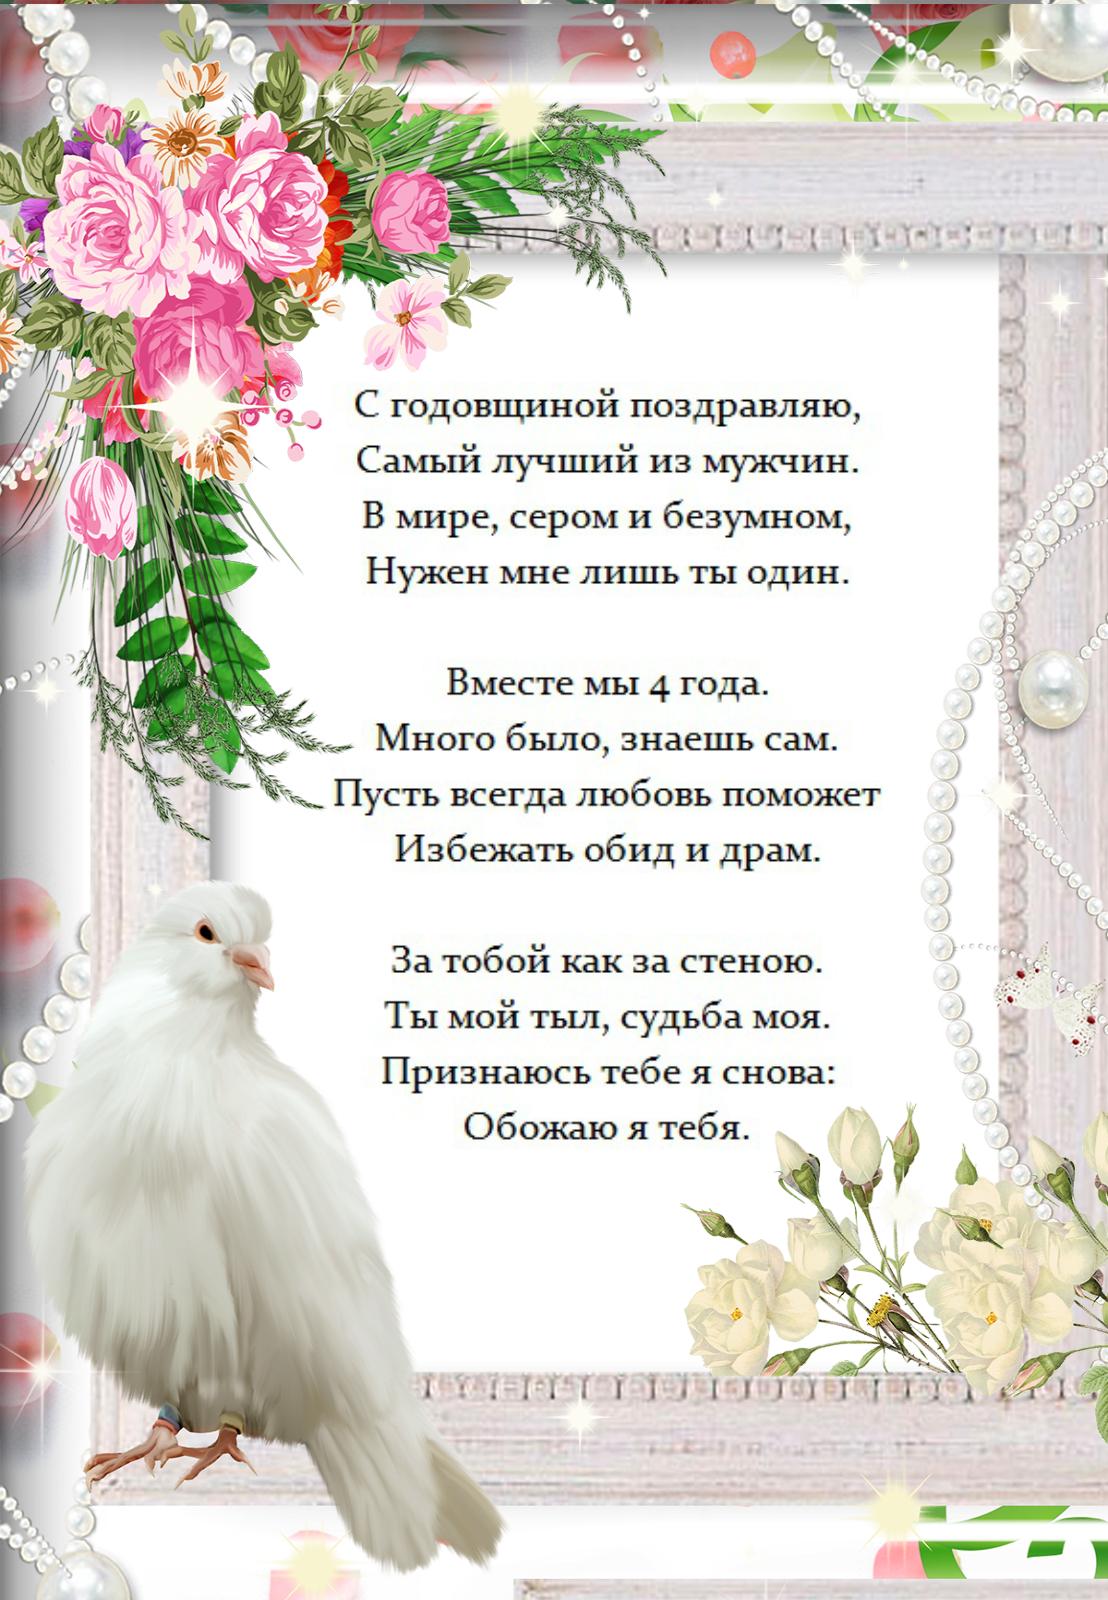 4 года свадьбы поздравления мужу открытки, именины юлии